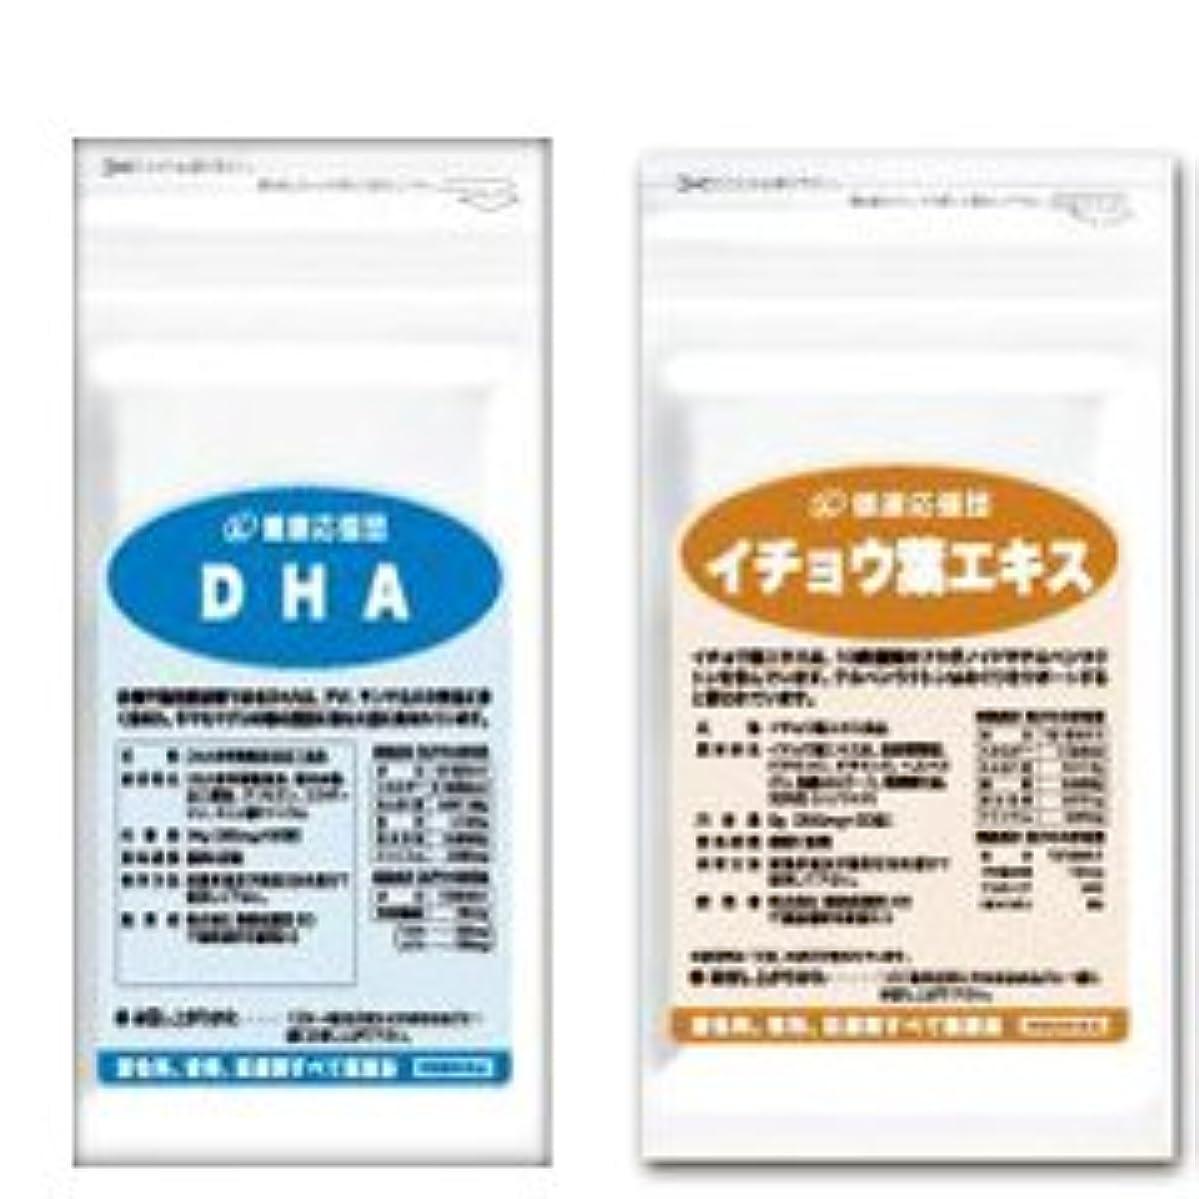 その選ぶ差別化する(お徳用12か月分)サラサラ巡りセット DHA + イチョウ葉エキス 12袋&12袋セット(DHA?EPA?イチョウ葉?ビタミンC?ビタミンE?ビタミンP配合)